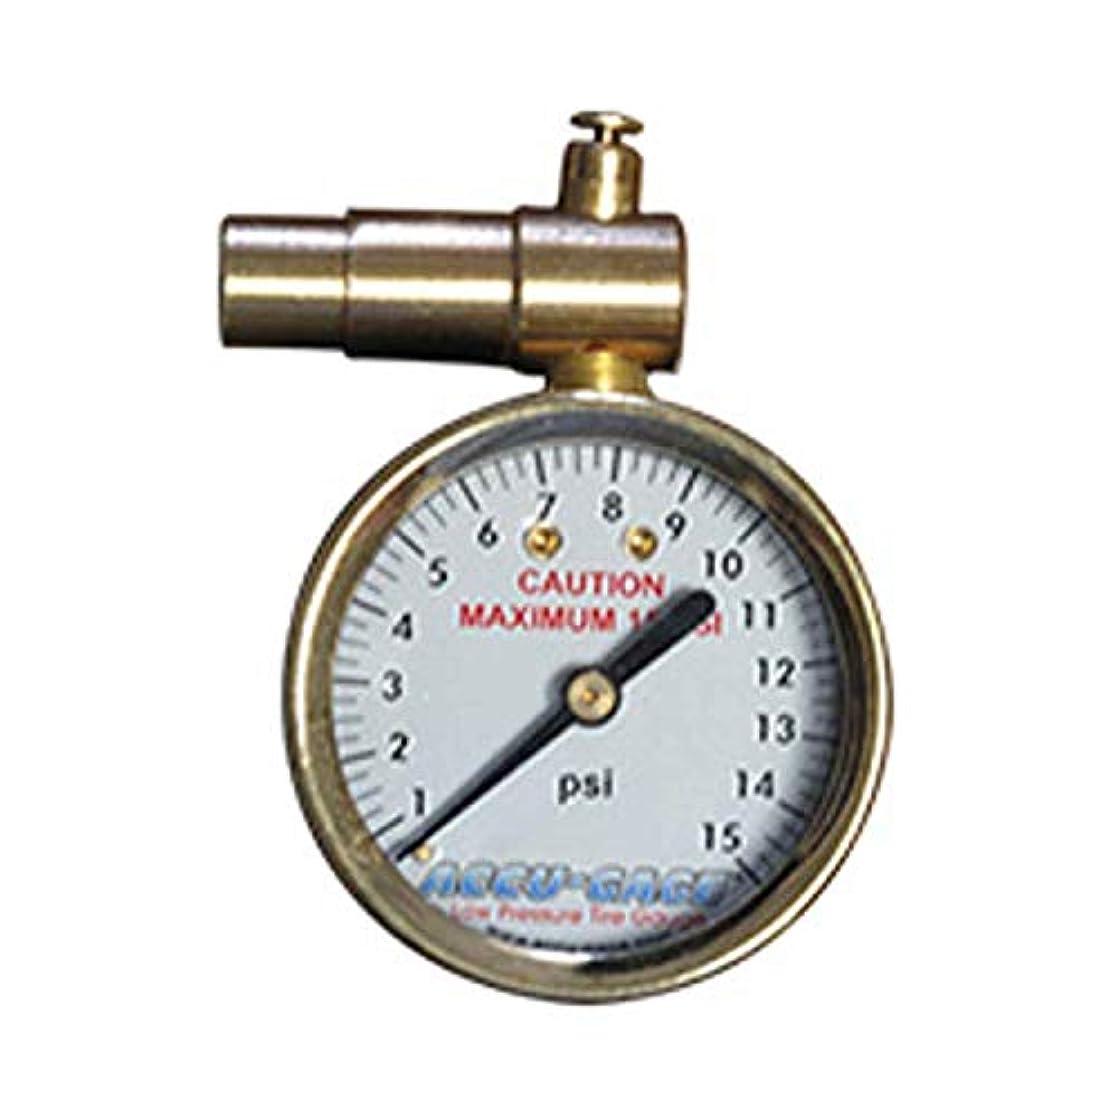 男らしさ達成宇宙のMeiser Presta-Valve Dial Gauge with Pressure Relief: 15psi by Meiser